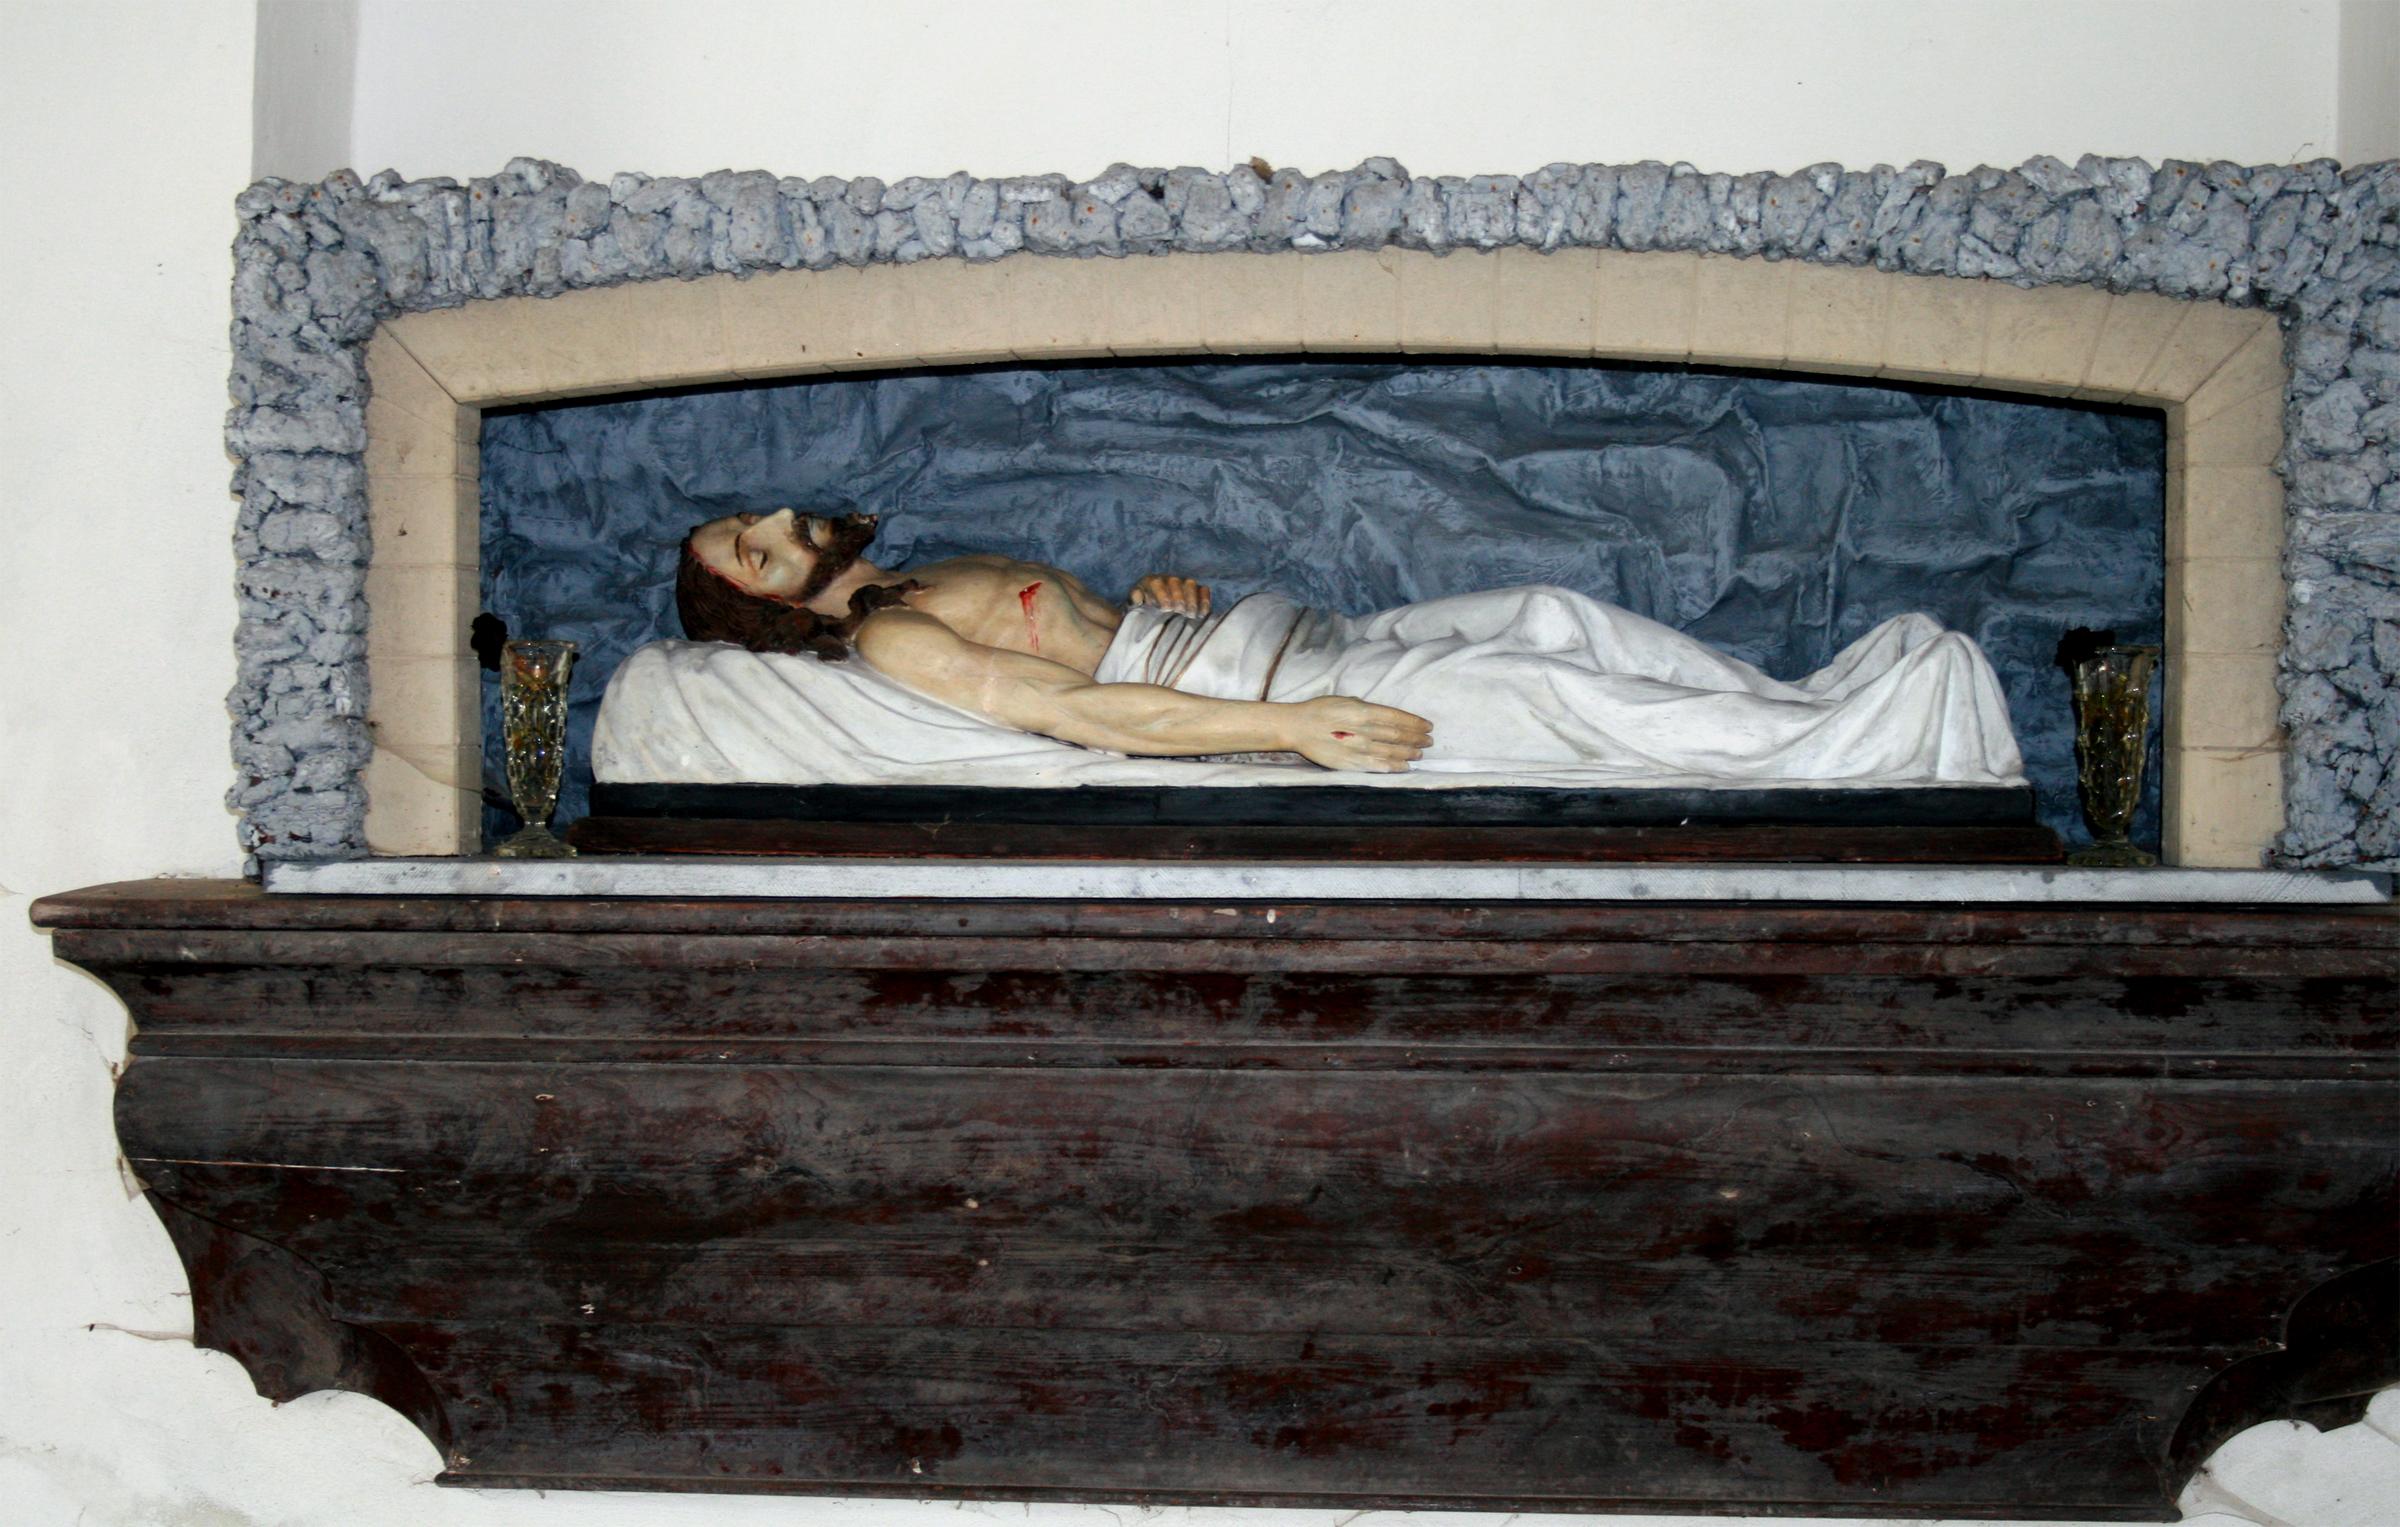 Ježíš leží v hrobě